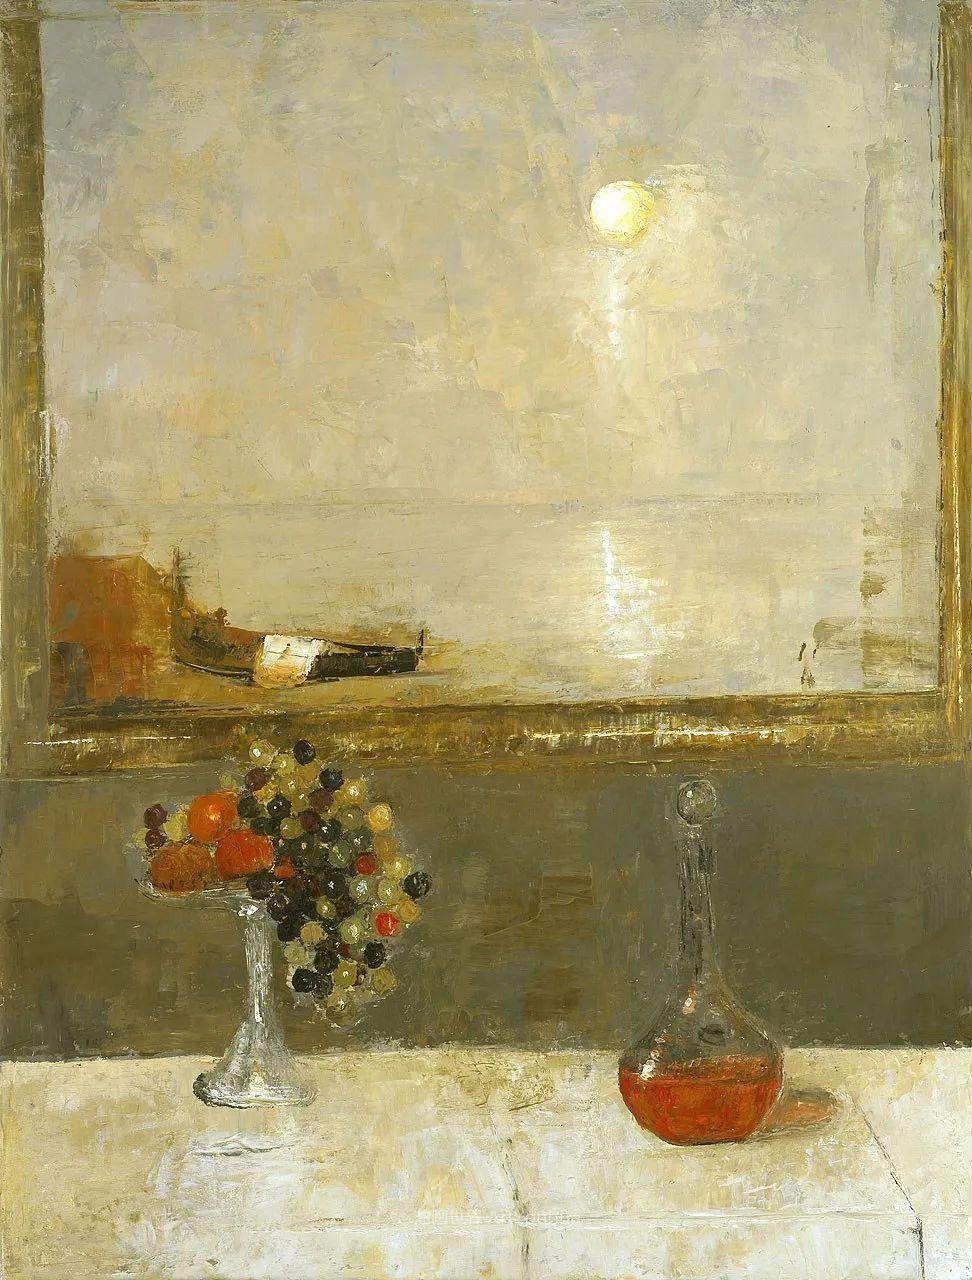 马耳他女画家 Goxwa Borg 戈克斯瓦·博格作品欣赏: 古典又现代!插图17